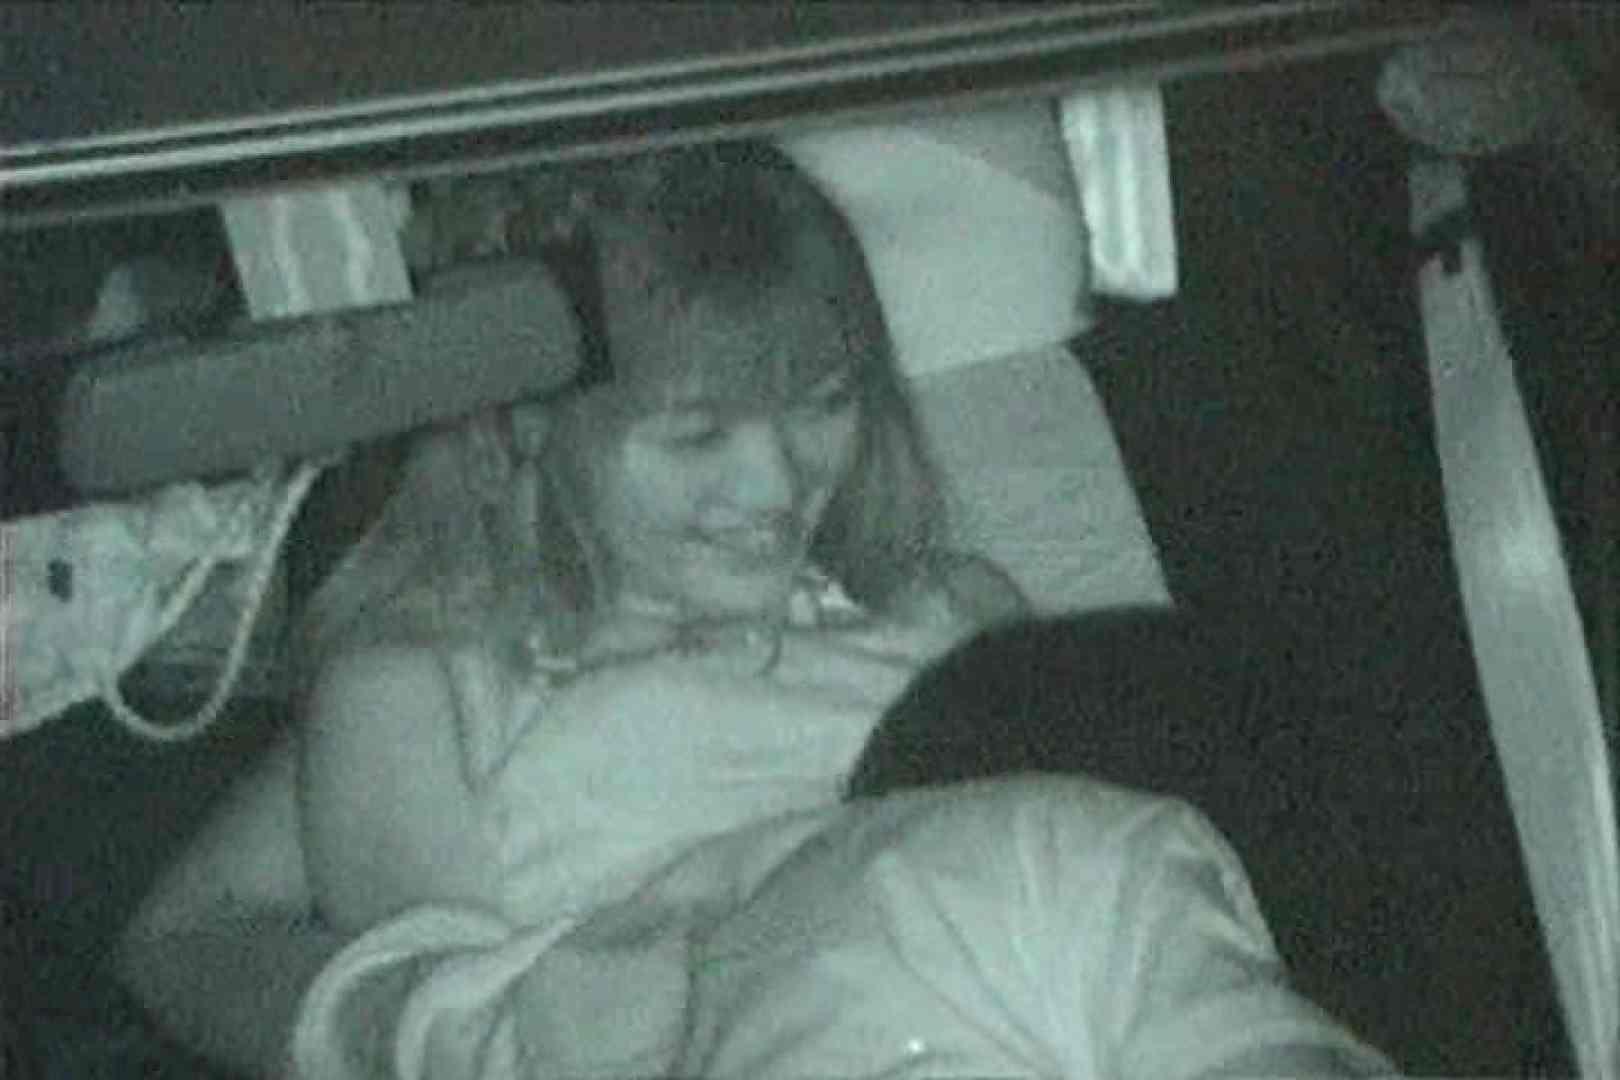 車の中はラブホテル 無修正版  Vol.24 卑猥 オマンコ無修正動画無料 78pic 8